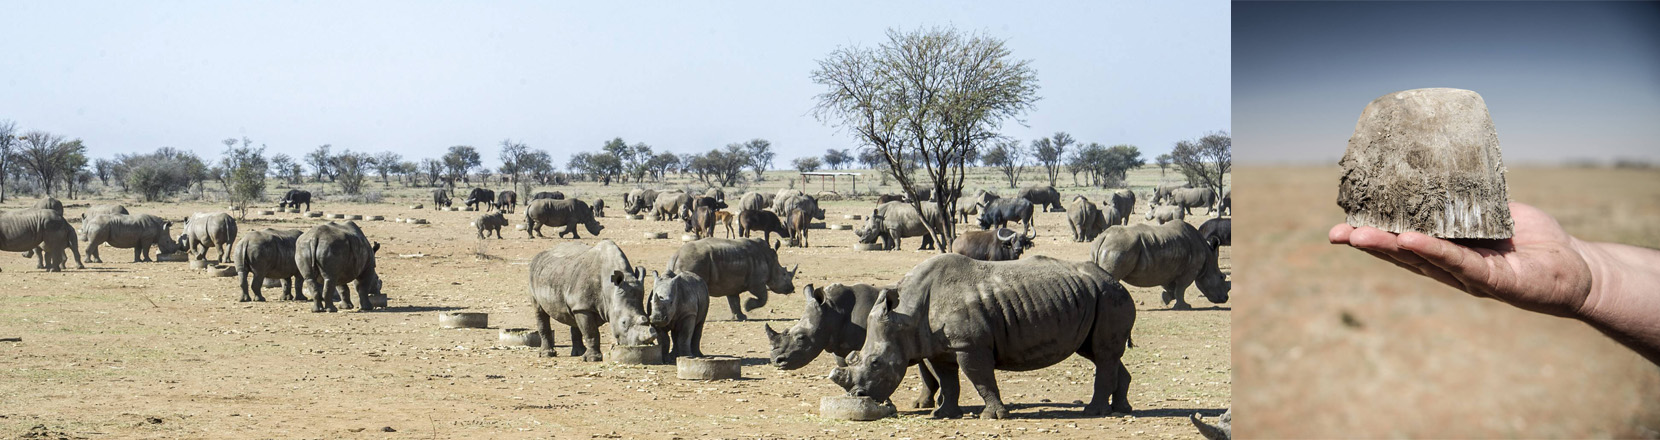 Nashörner und ein abgesägtes Nashorn